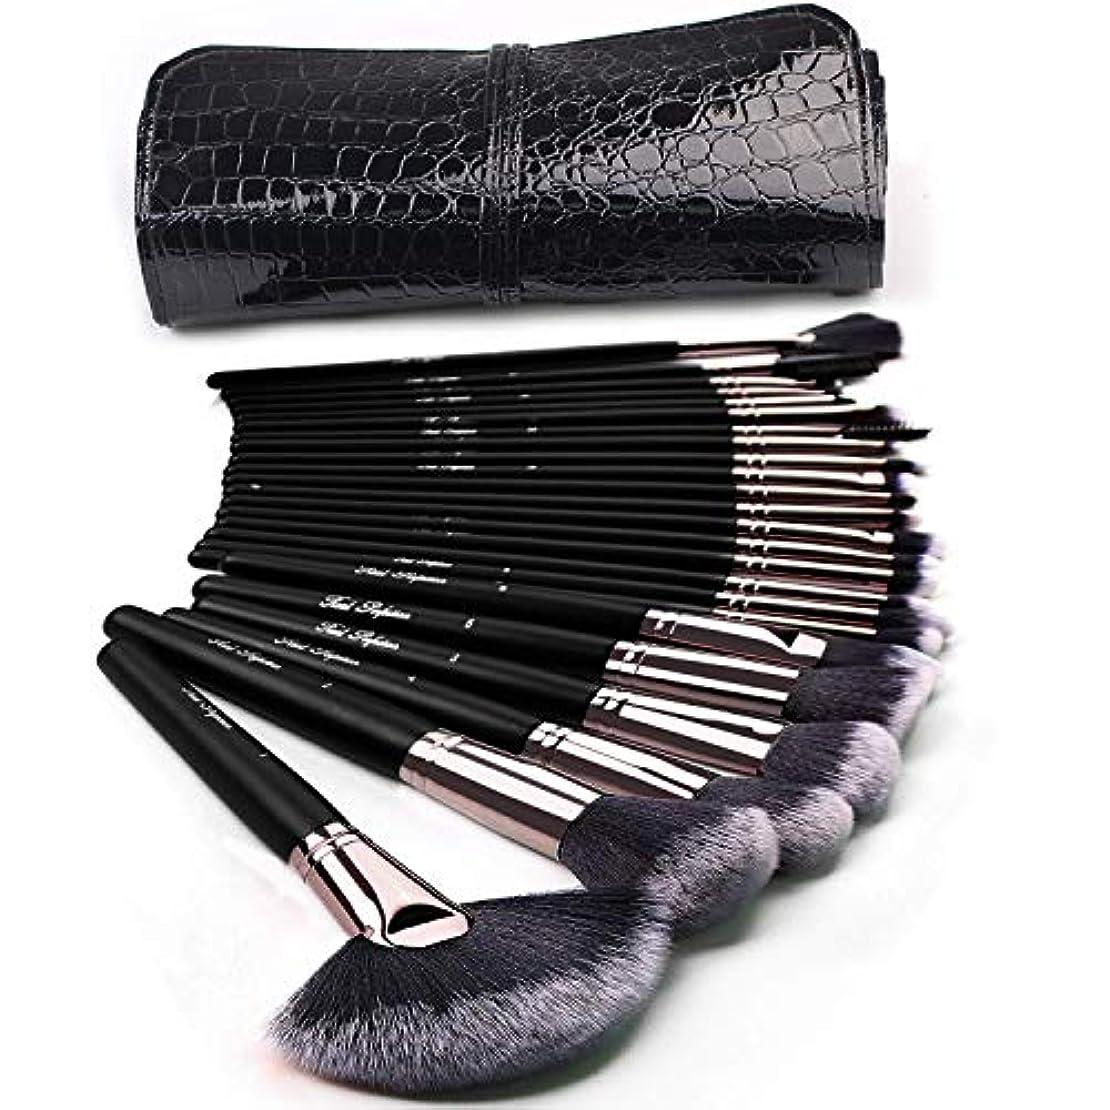 メイクブラシセット コスメブラシ 化粧筆 基本メイクアップ道具 化粧ポーチ付け 24本セット